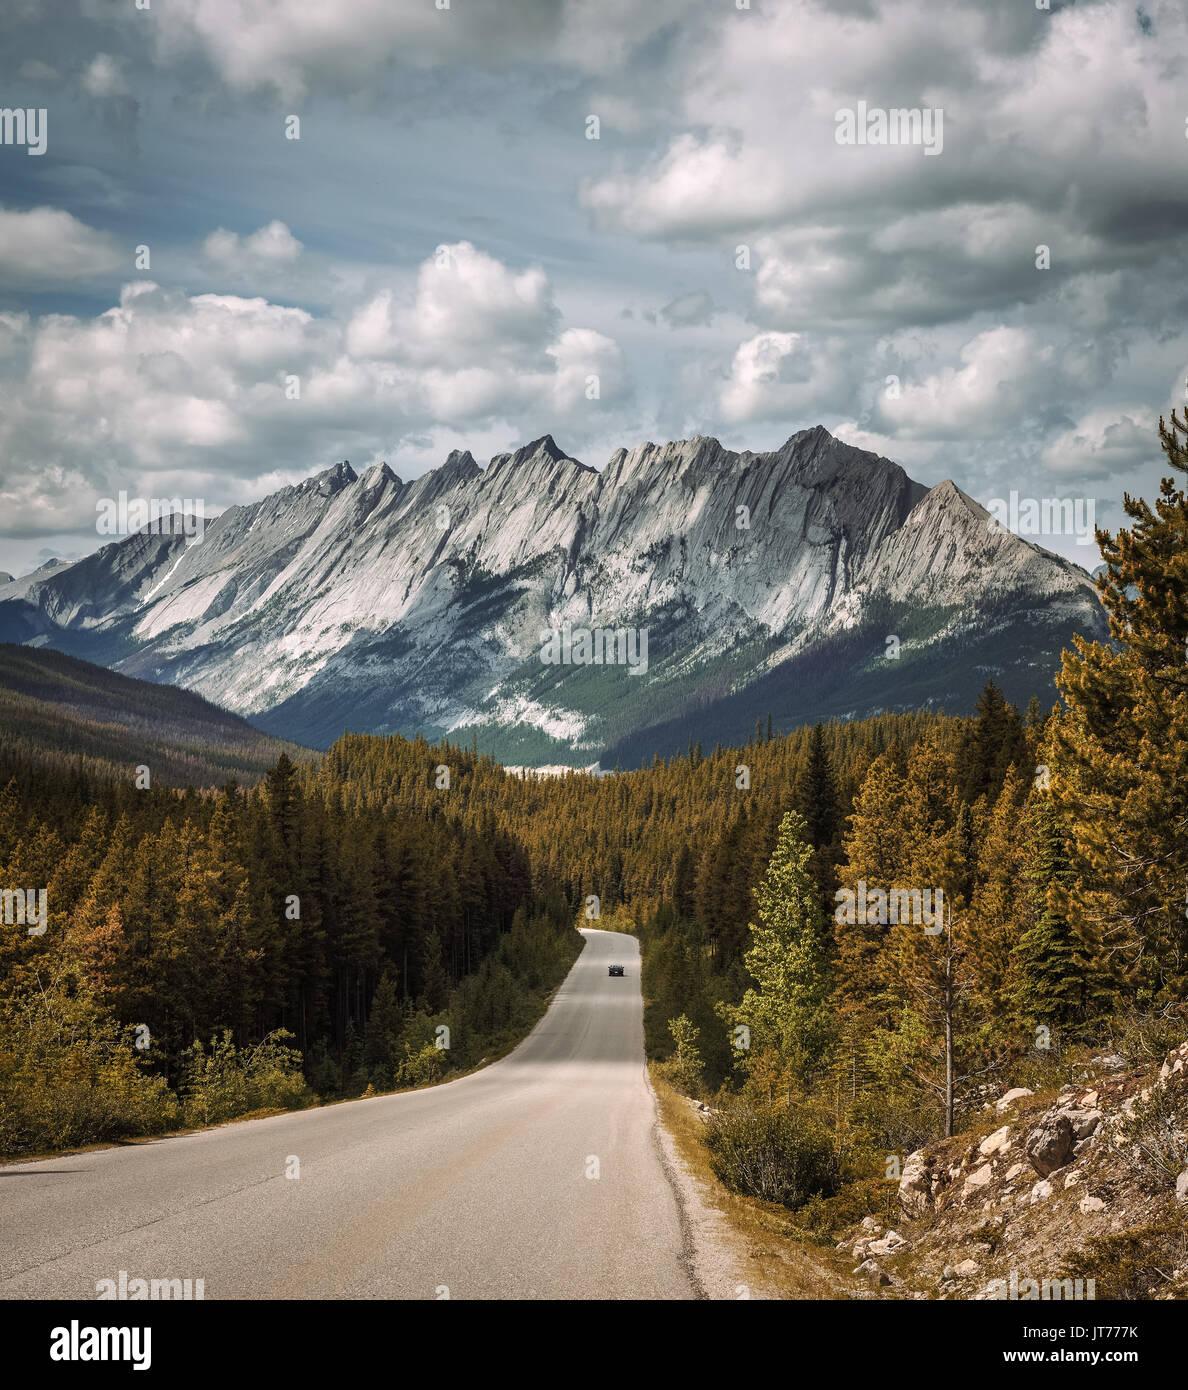 Vista panoramica della strada e montagne rocciose canadesi sulla Icefields Parkway. Si viaggia attraverso Parchi Nazionali di Banff e Jasper e offre una vista spettacolare di Immagini Stock